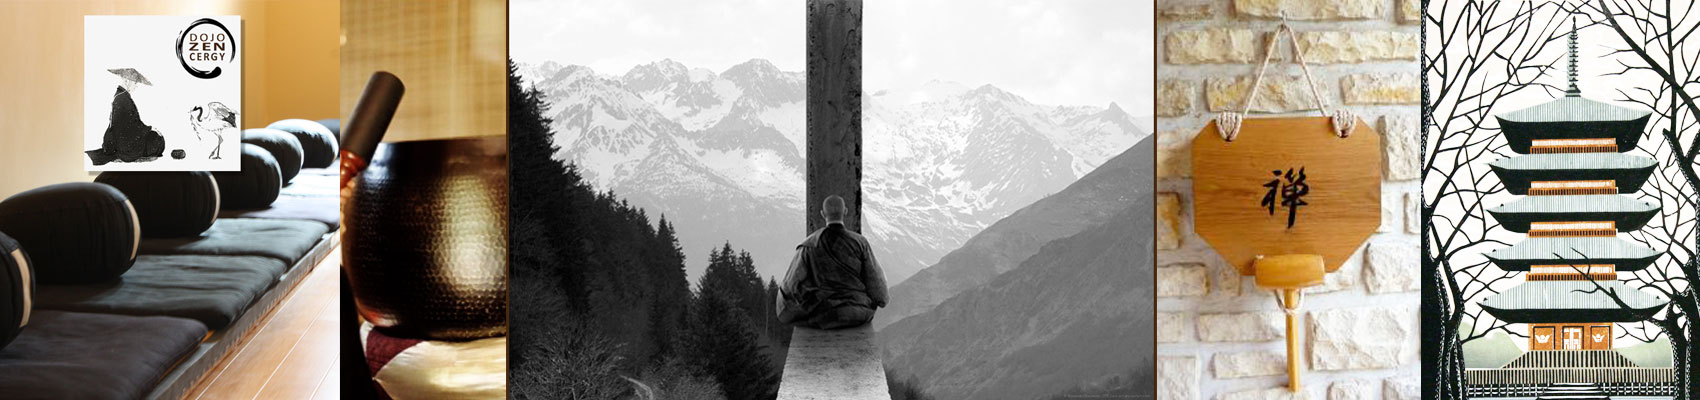 Dojo Zen de Cergy